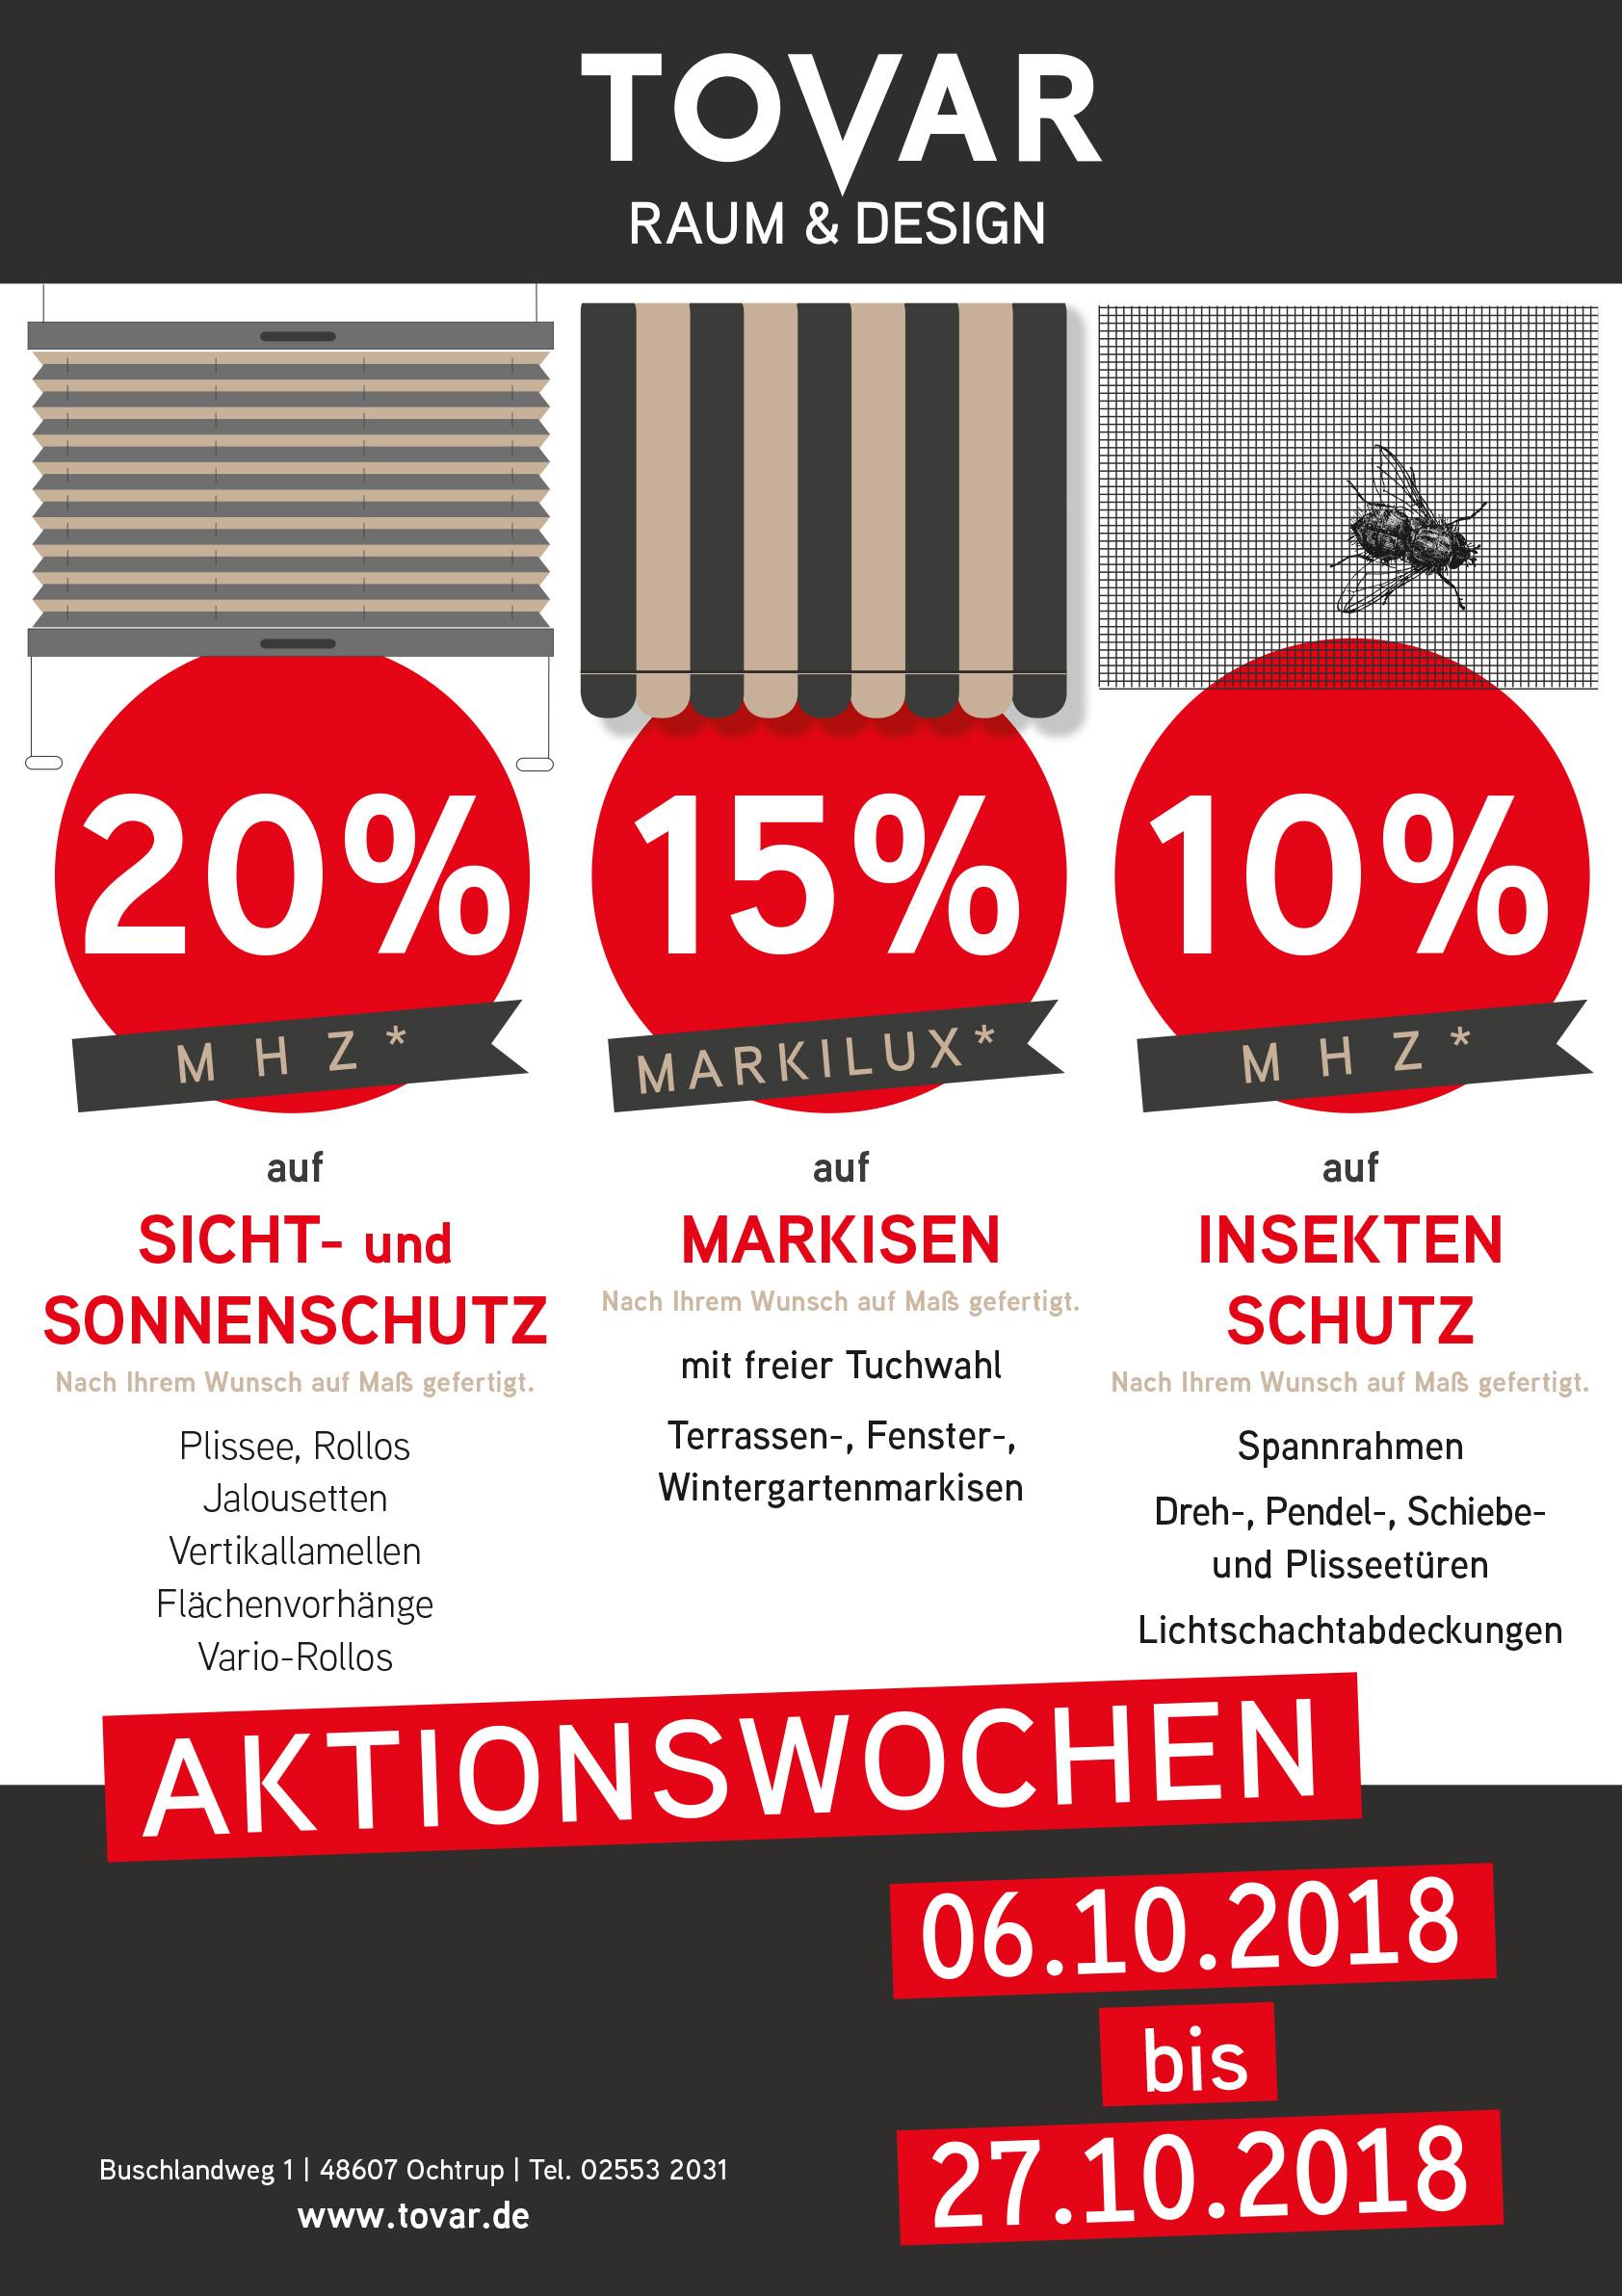 sonnenschutzaktion-mhz-2018